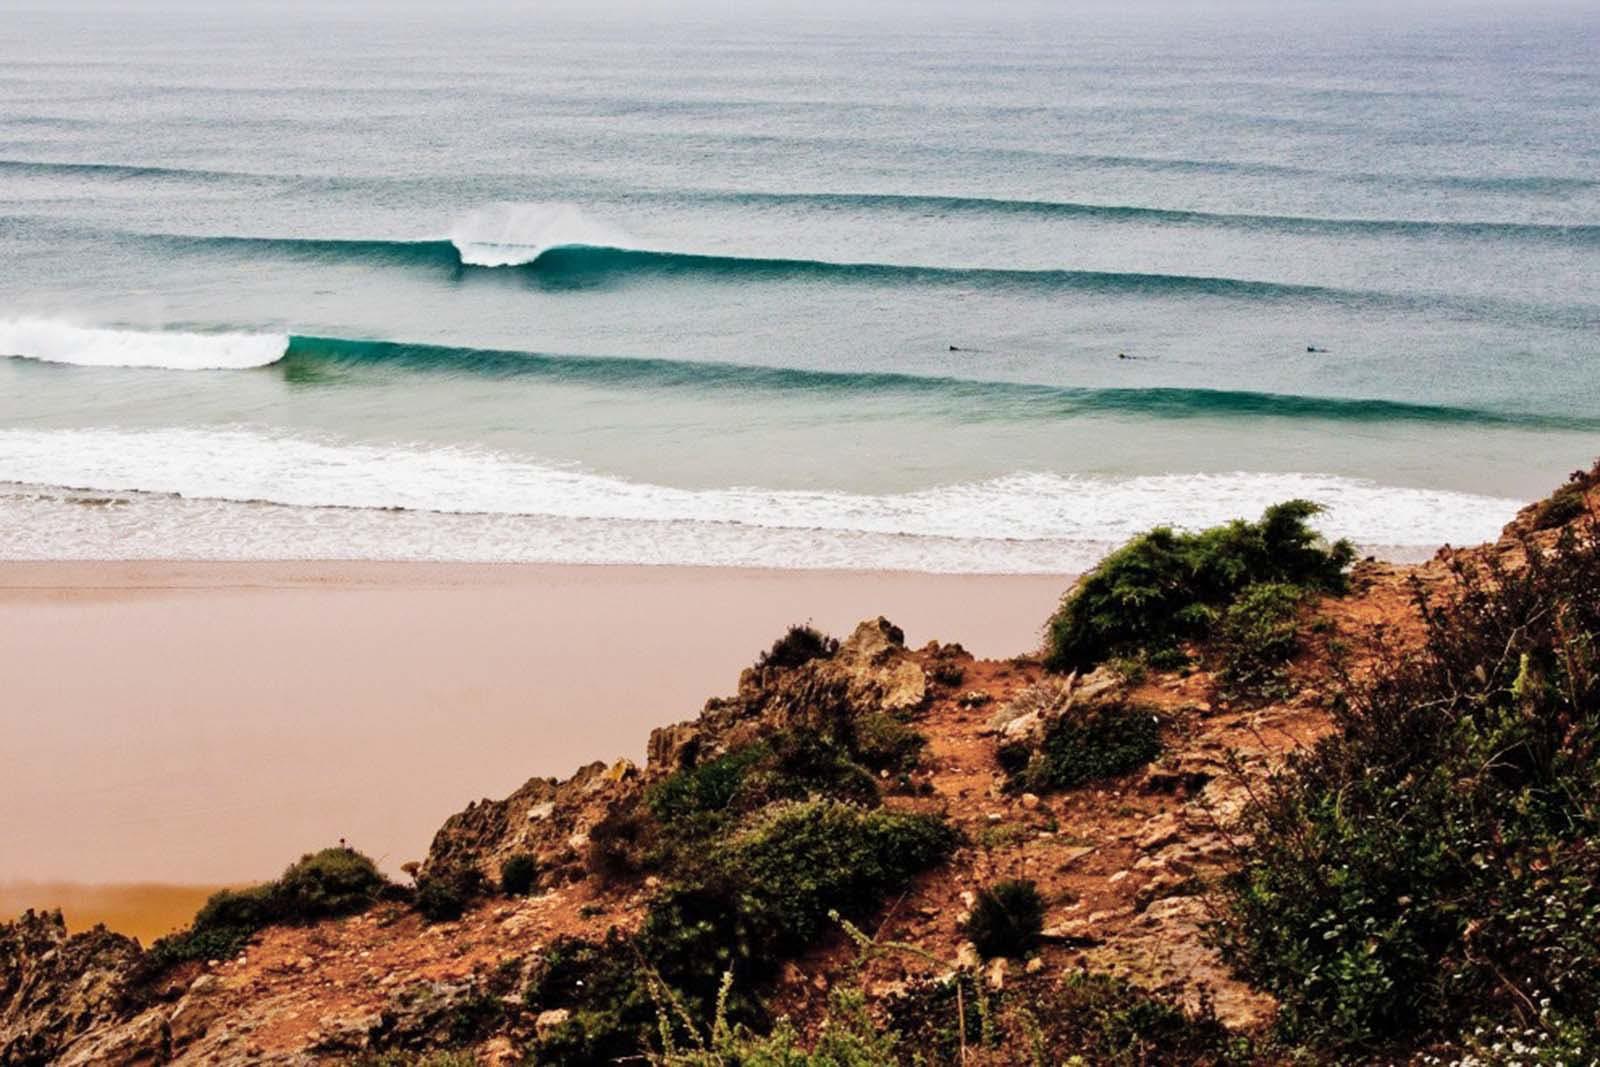 Des vagues idéales pour les débutants à la plage de Tonel.